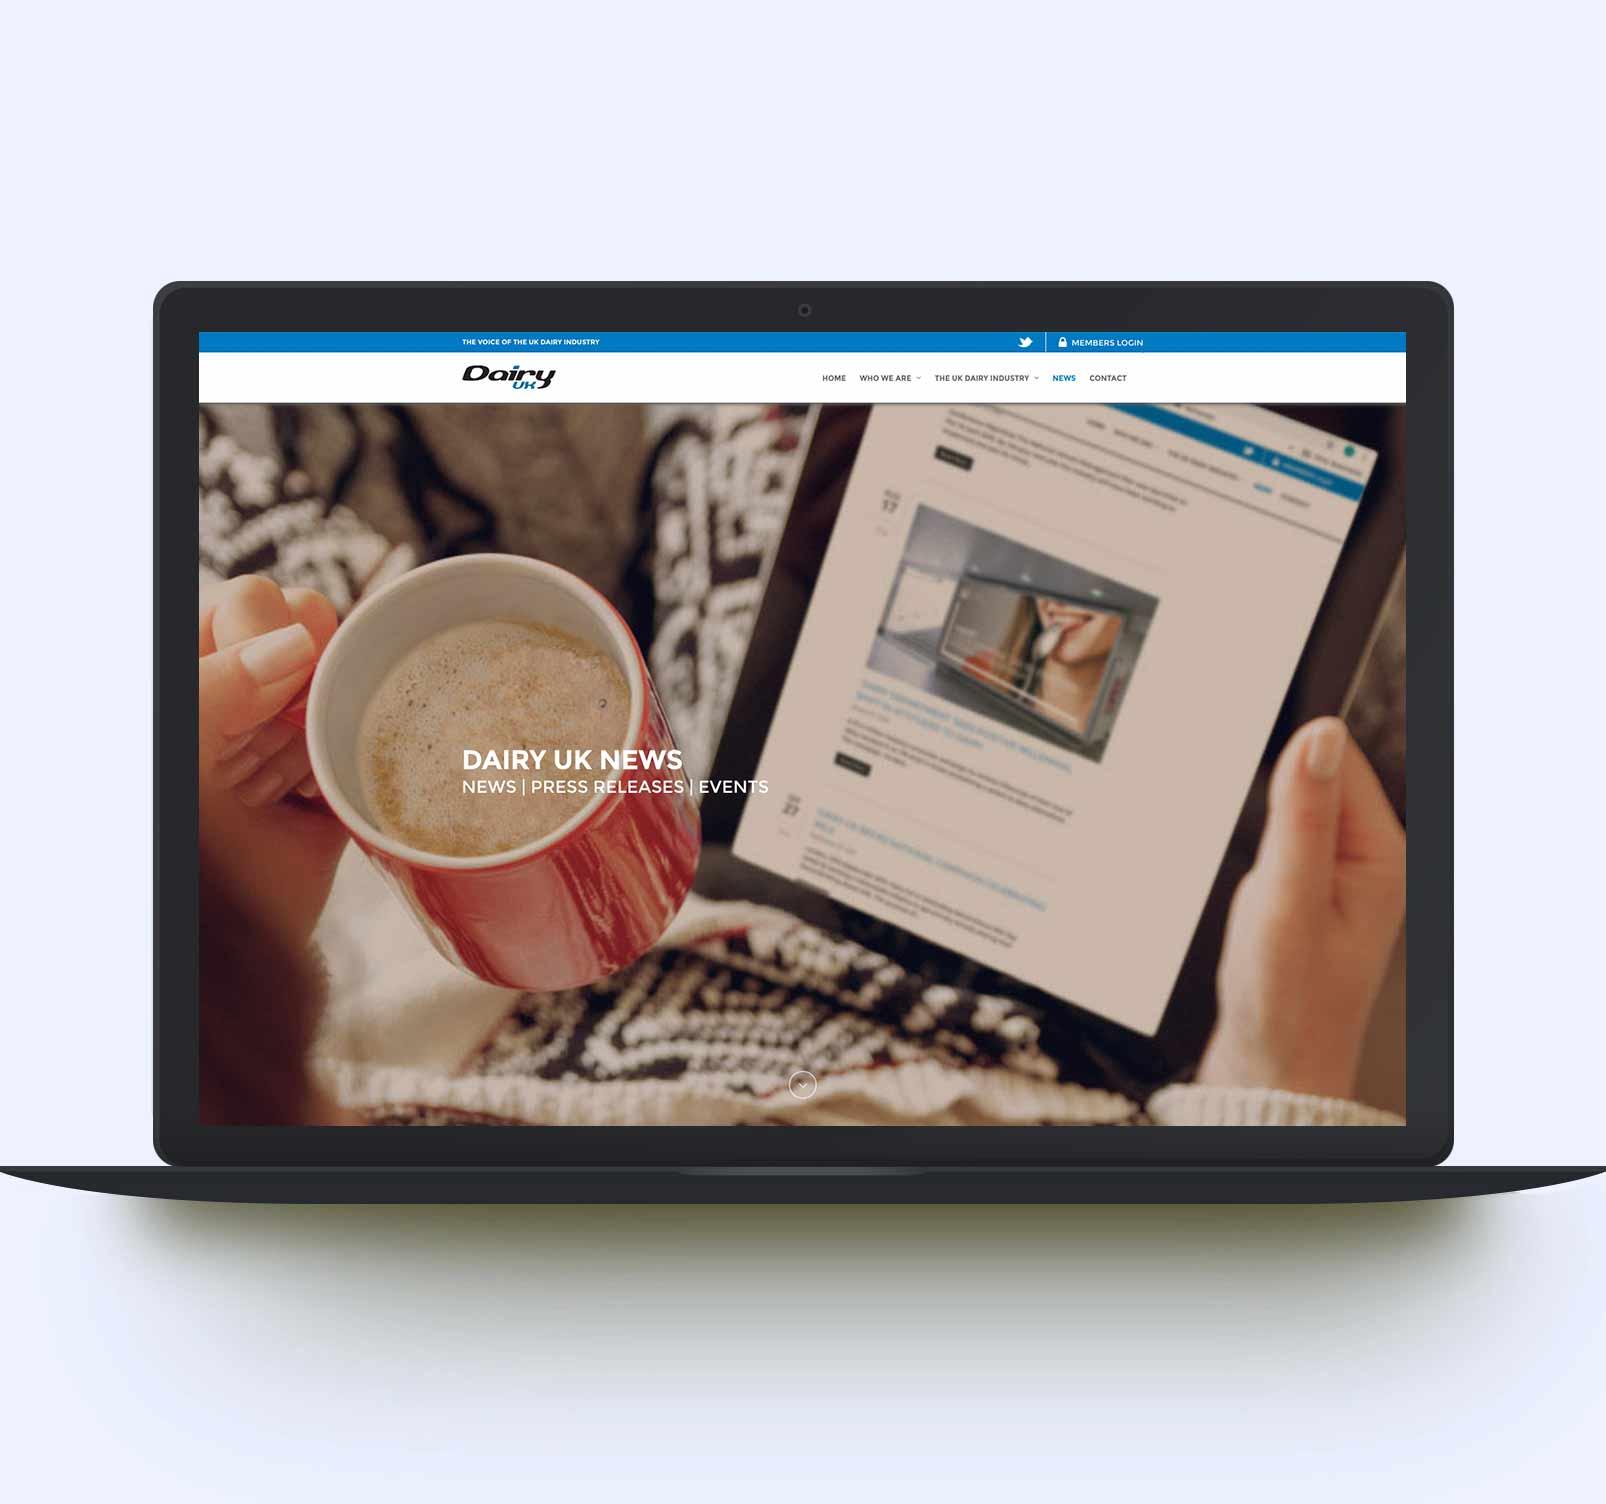 Industry website design - laptop view